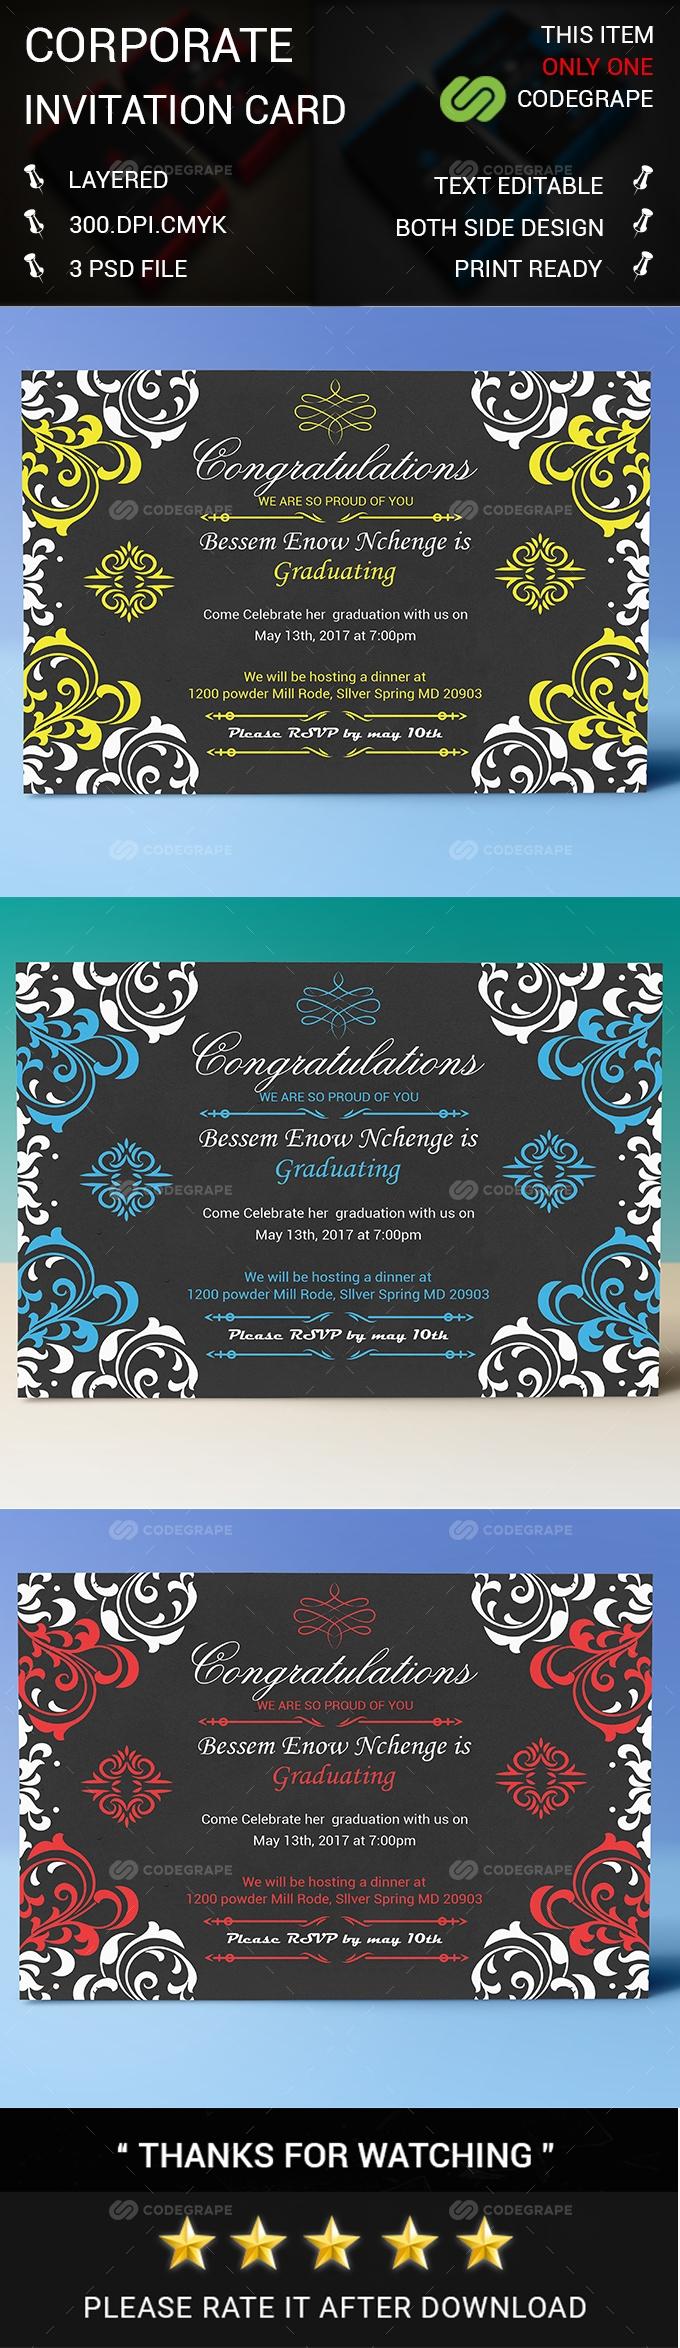 Corporate Invitation Card